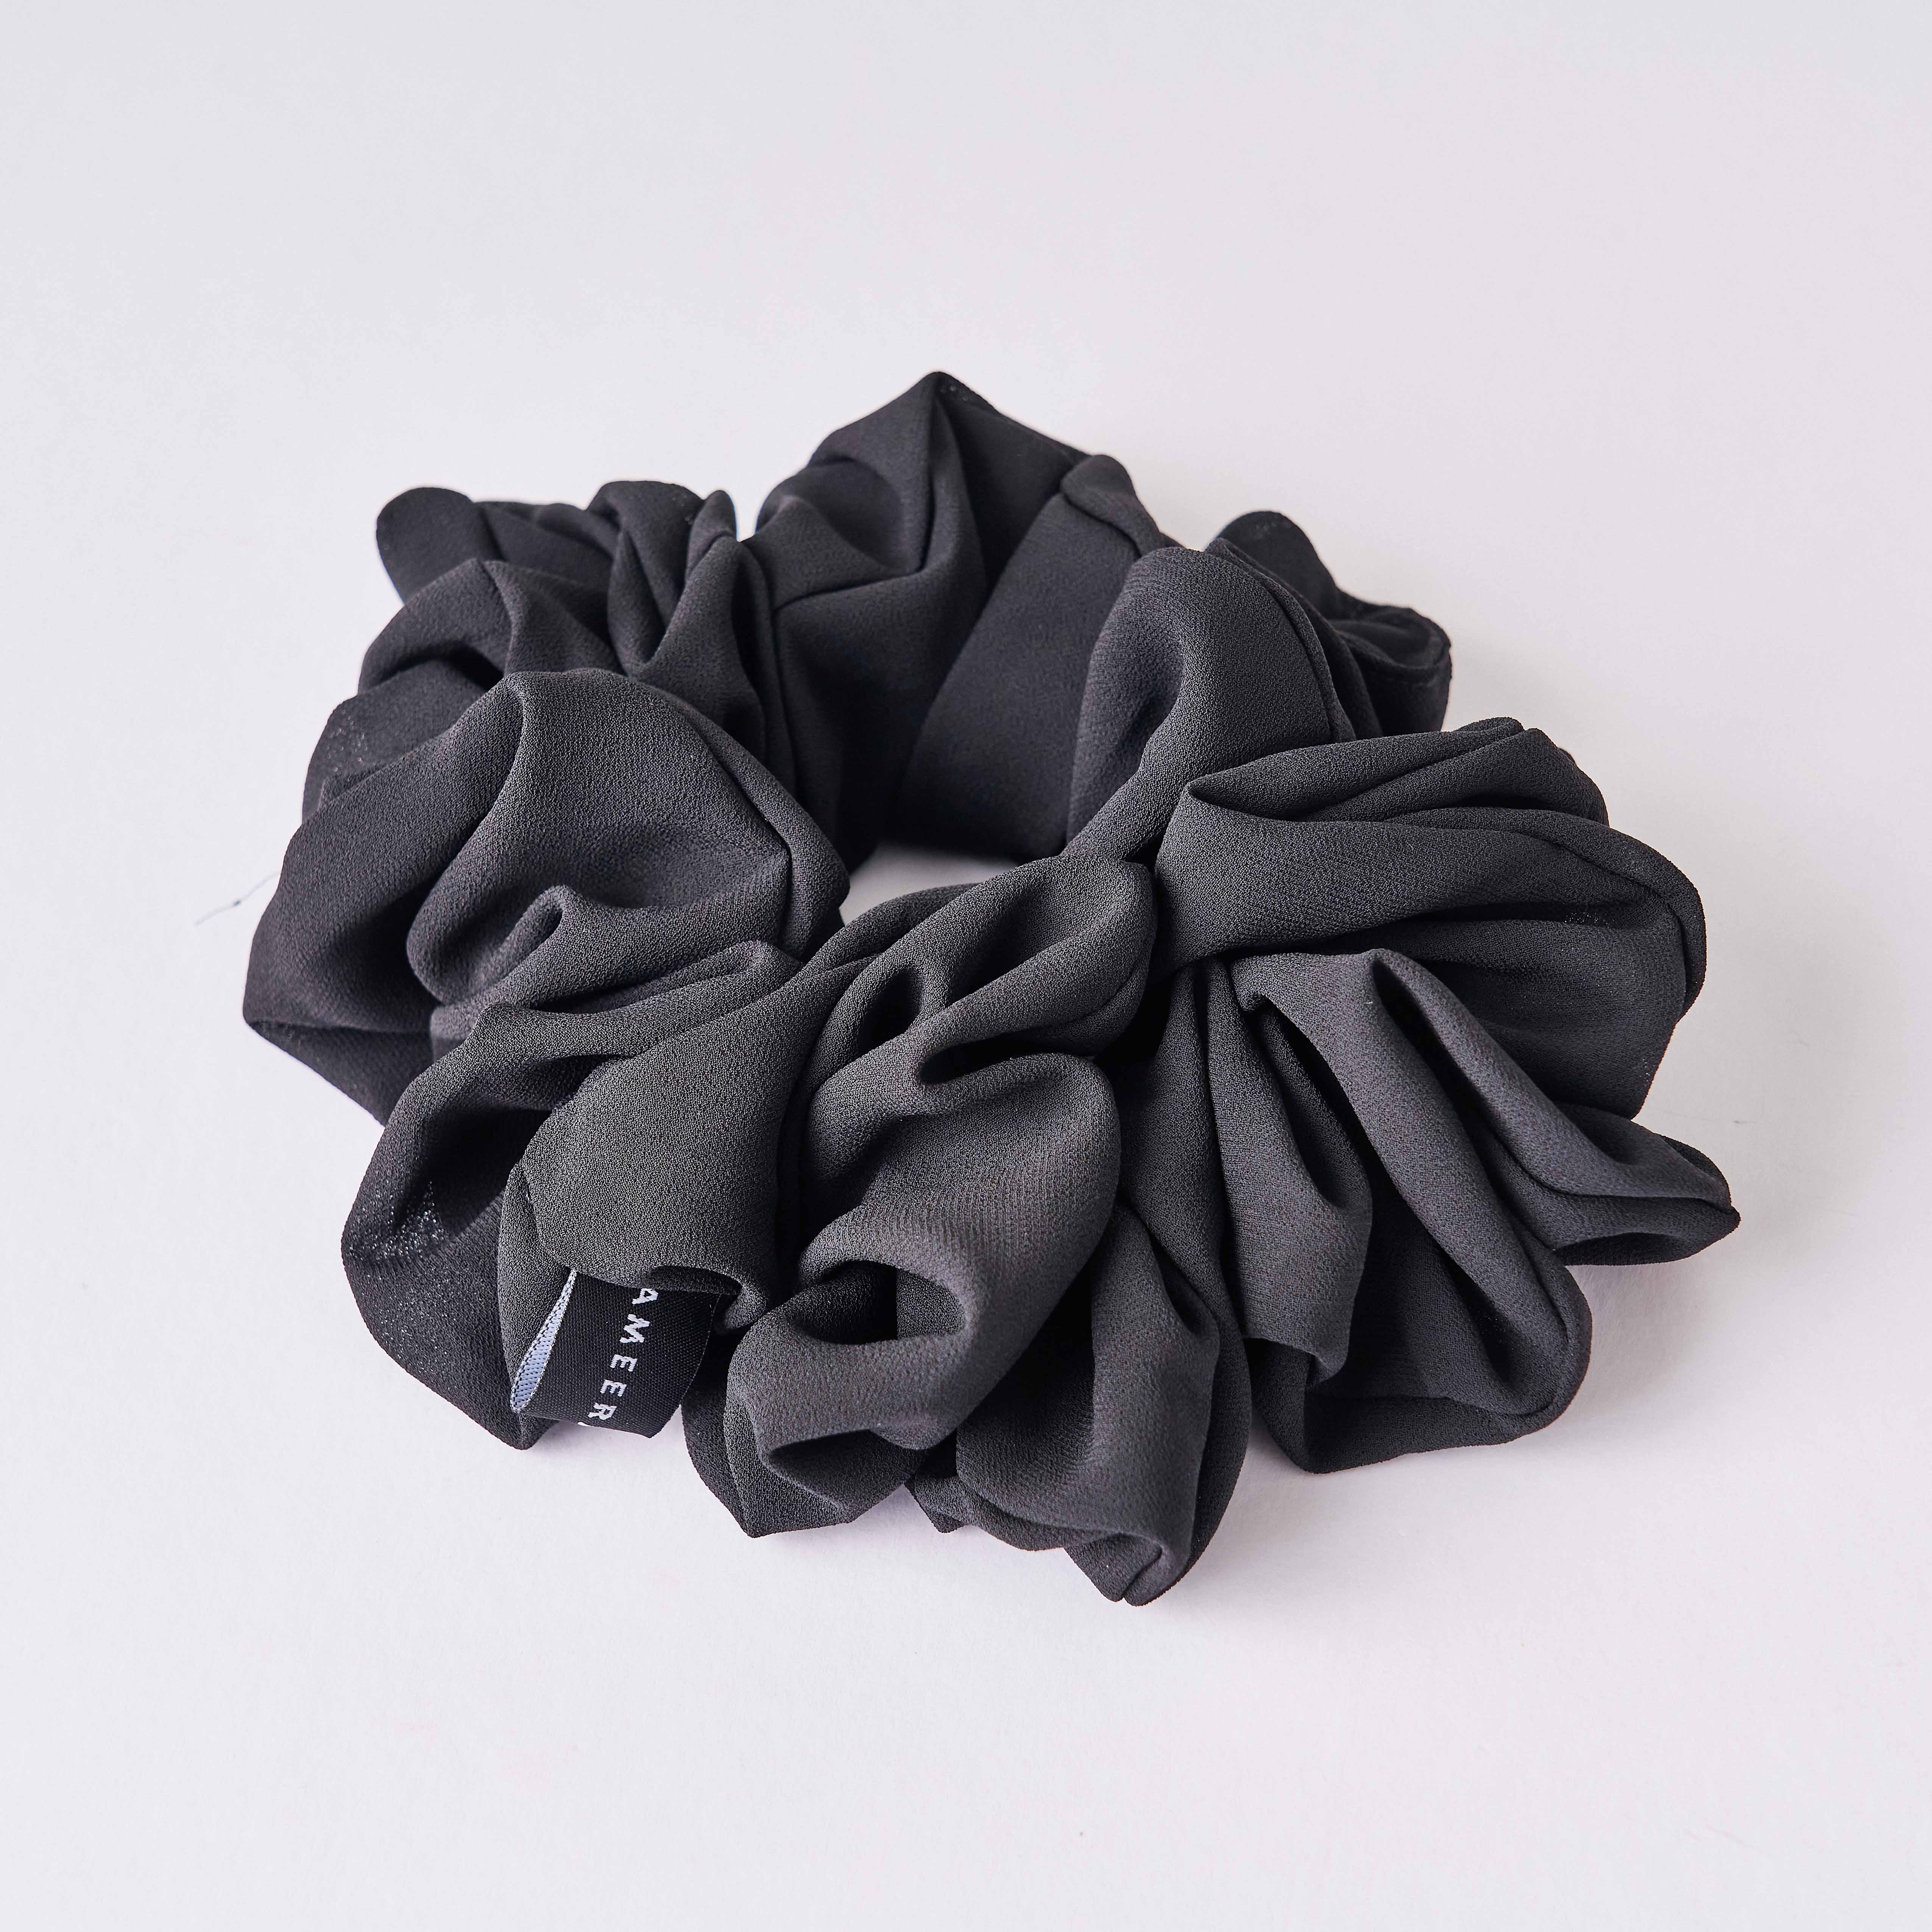 AZ Fluff Black